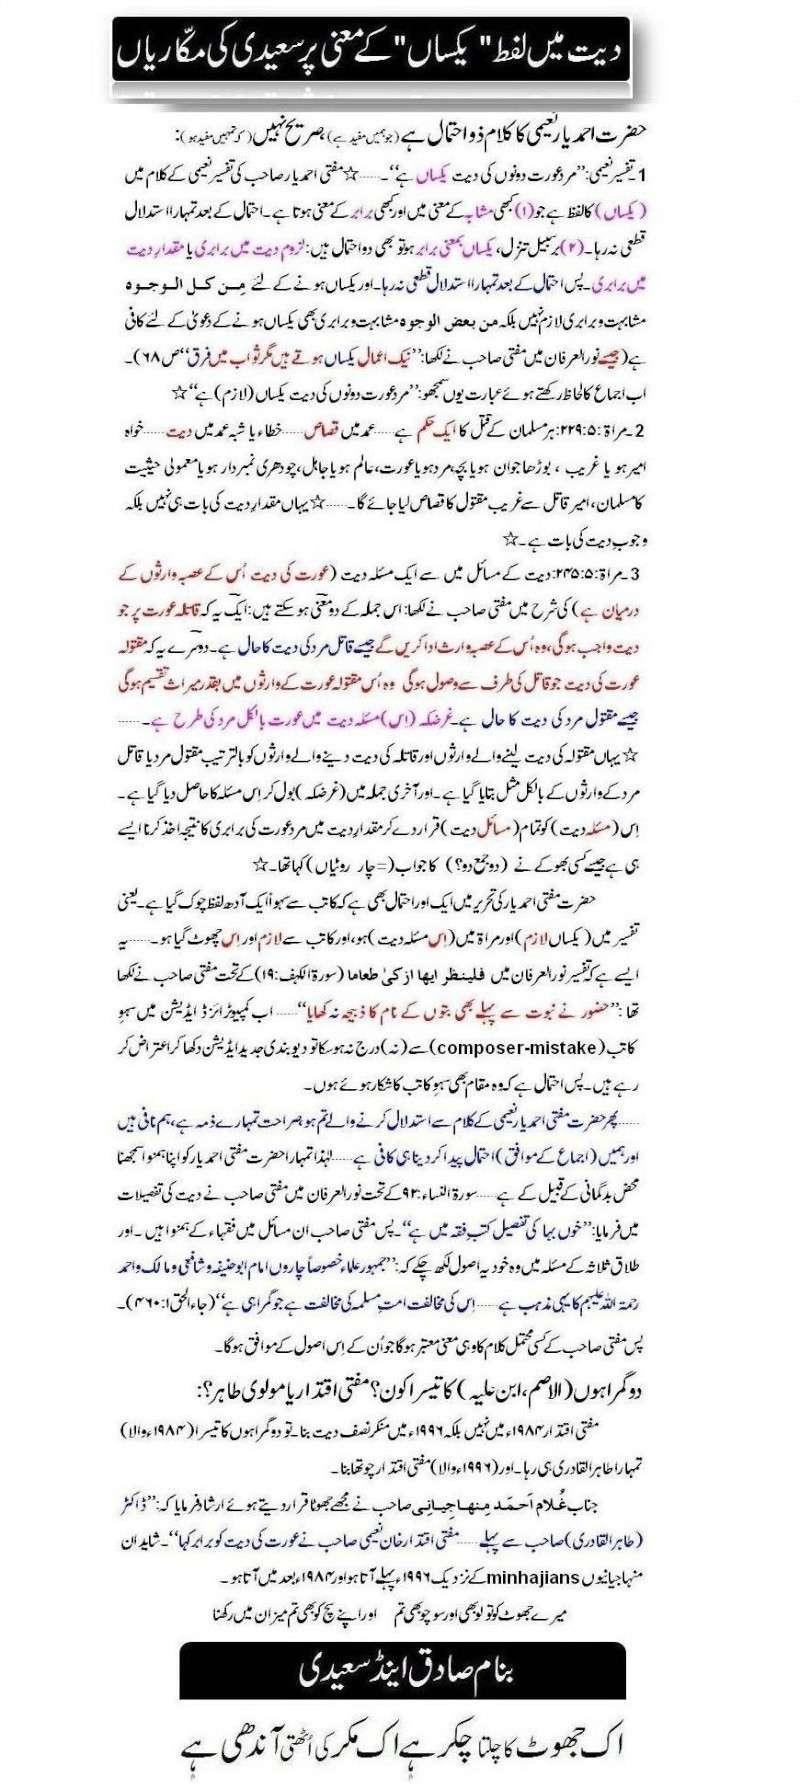 دیت کی جعلی فتوی فیکٹری پر منہاج القرآن کی فتح کا جھنڈا - Page 2 5d10